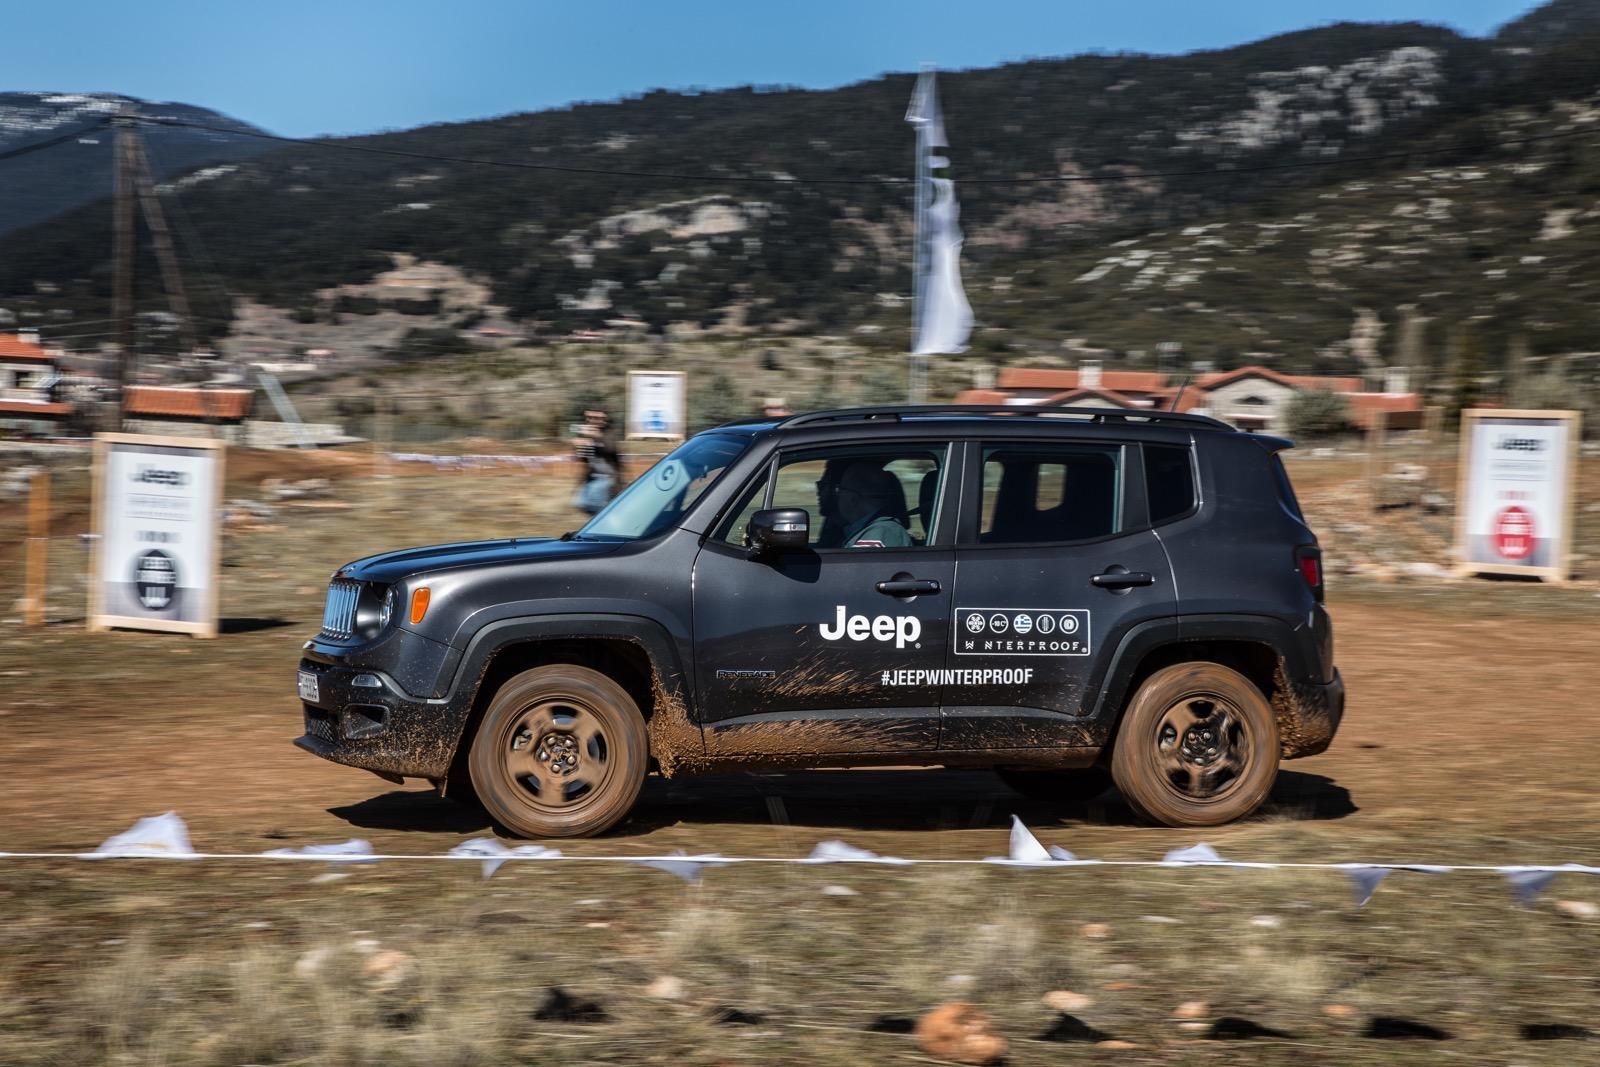 Jeep_Camp_Arahova_91